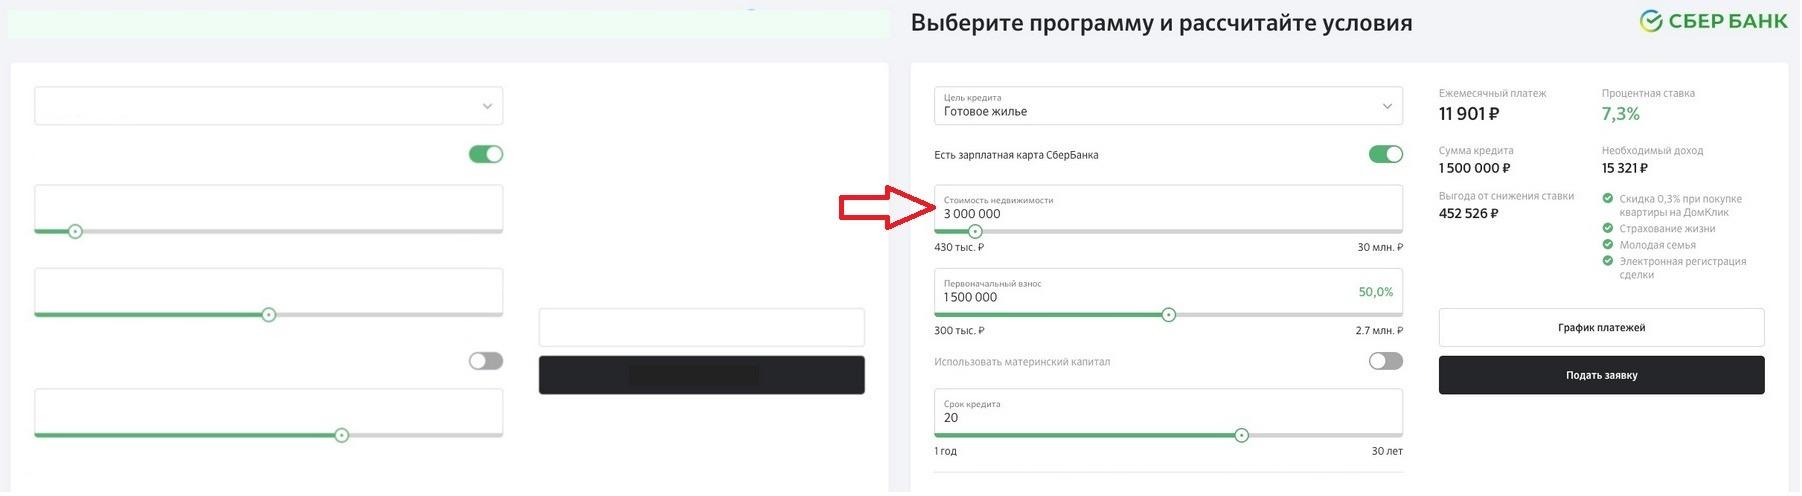 сервис Дом.Клик до UX-текста